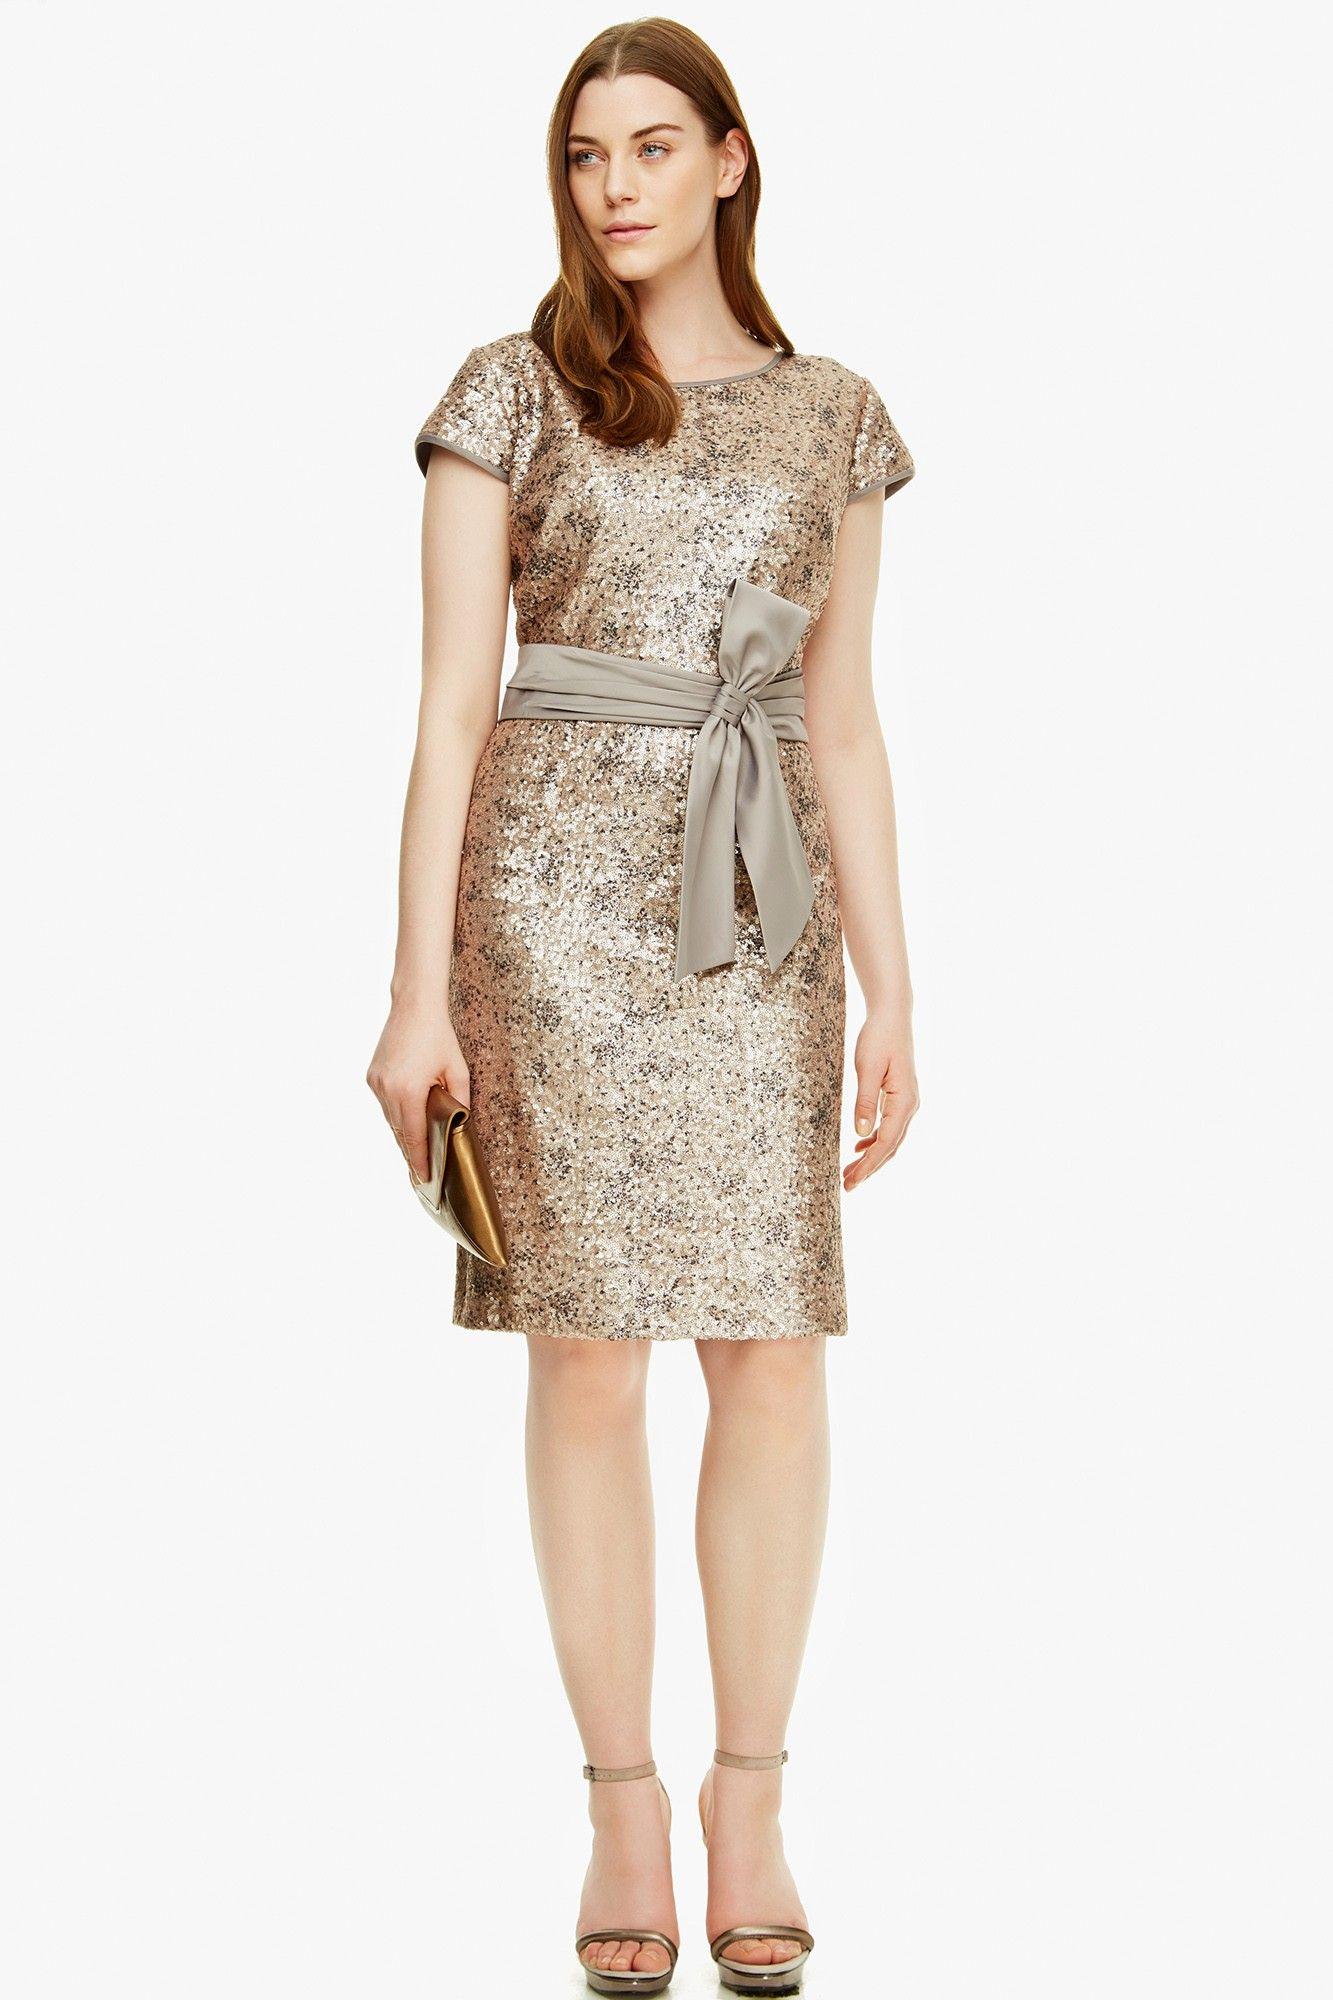 Vestido lentejuelas raso - Cóctel   Adolfo Dominguez shop online